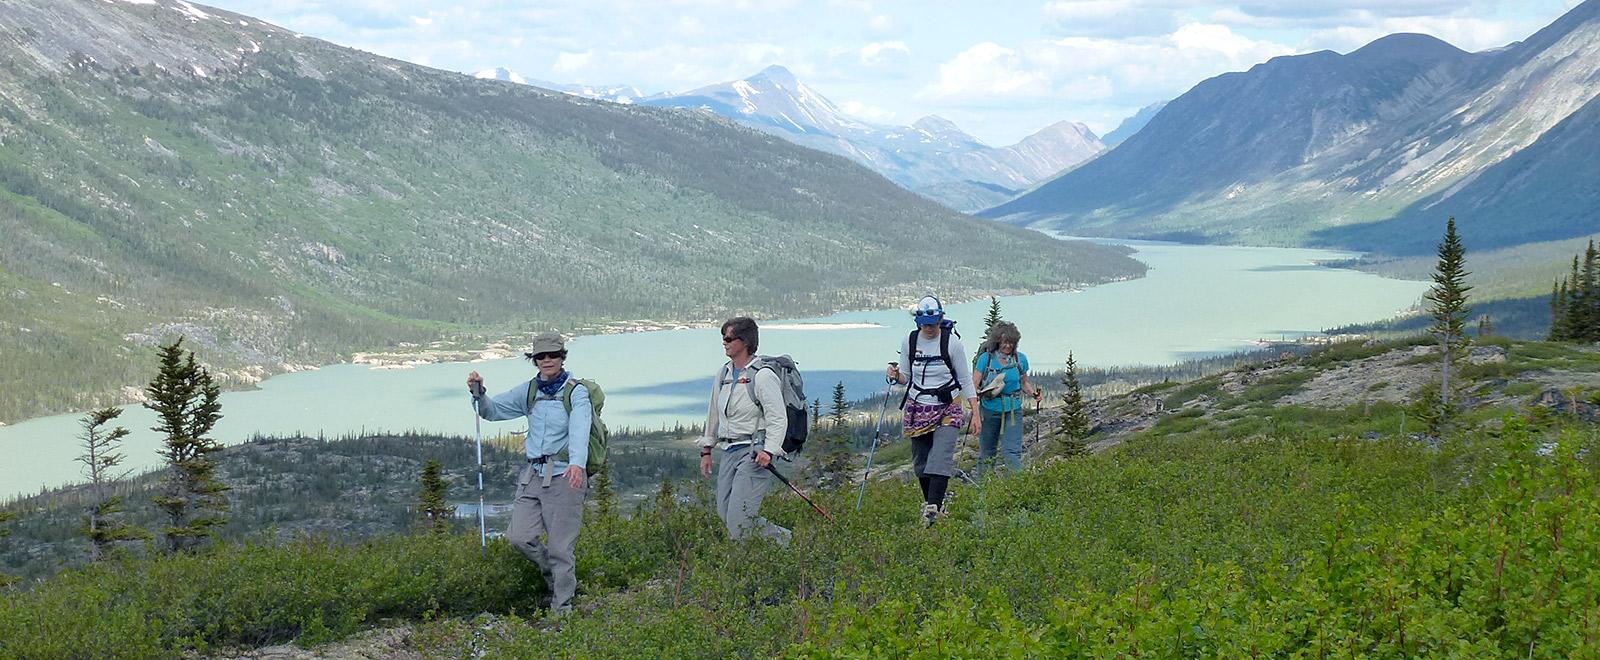 hiking primrose